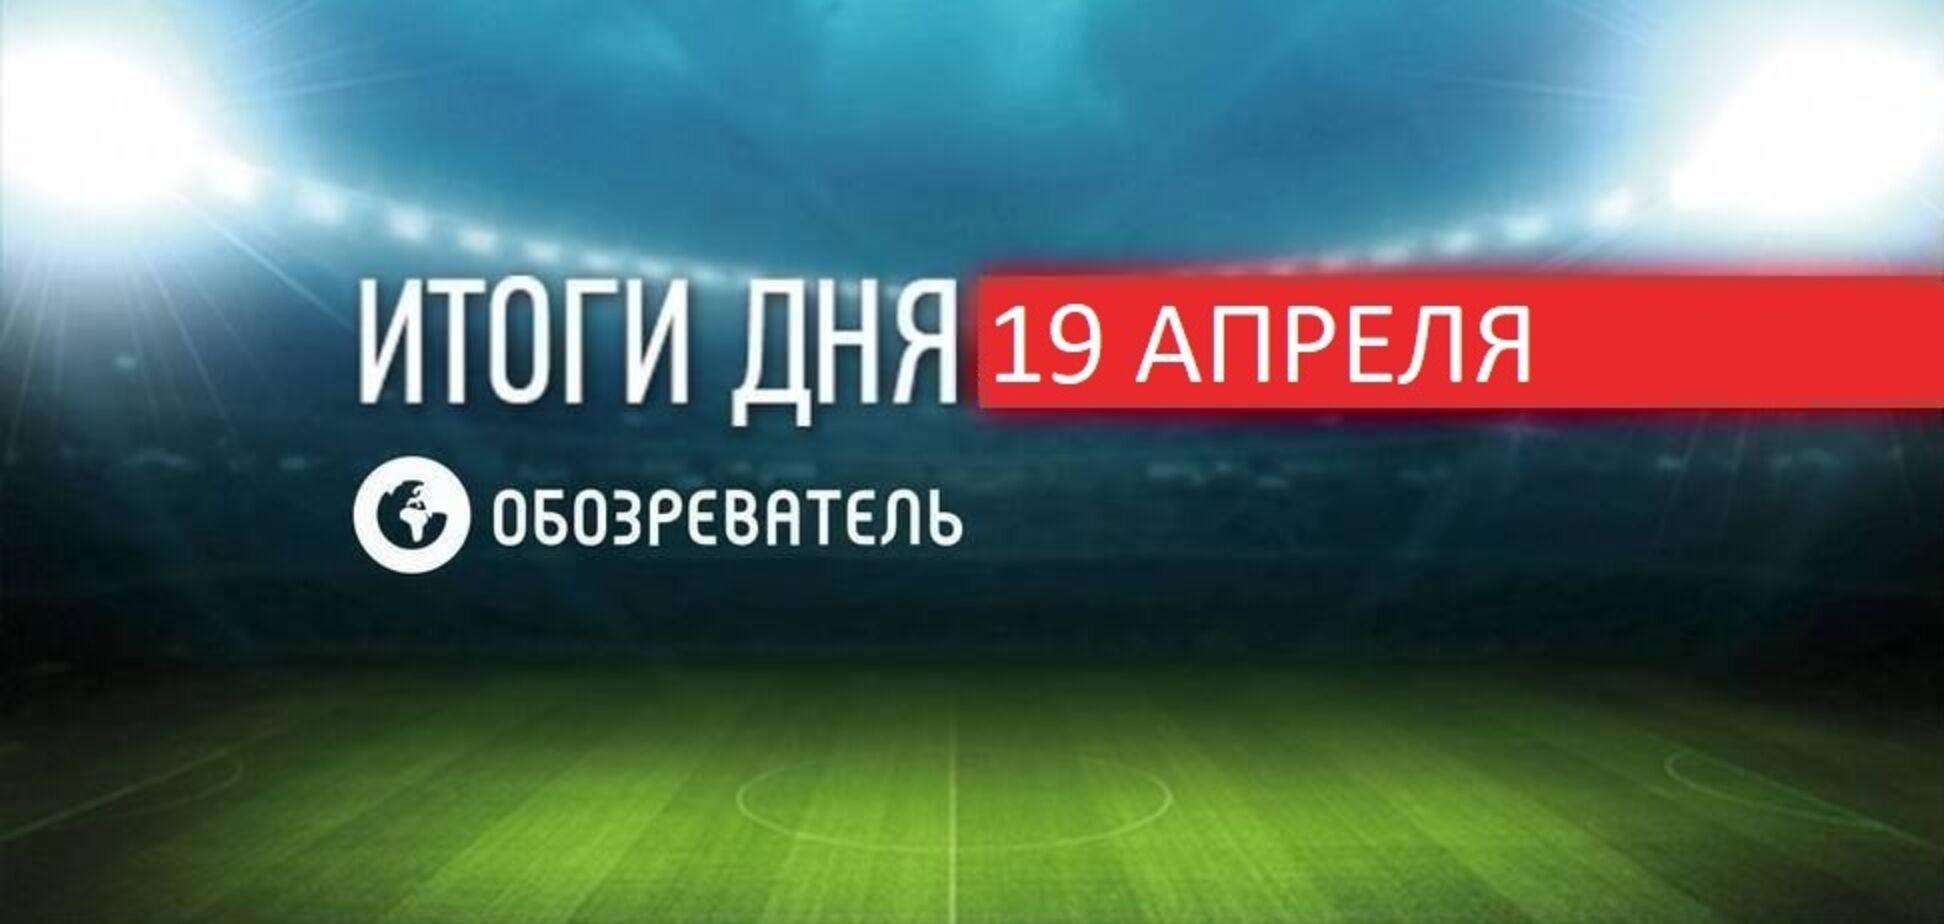 Новости спорта 19 апреля: топ-клубы создали Суперлигу, боксер Редкач разгневался на украинцев